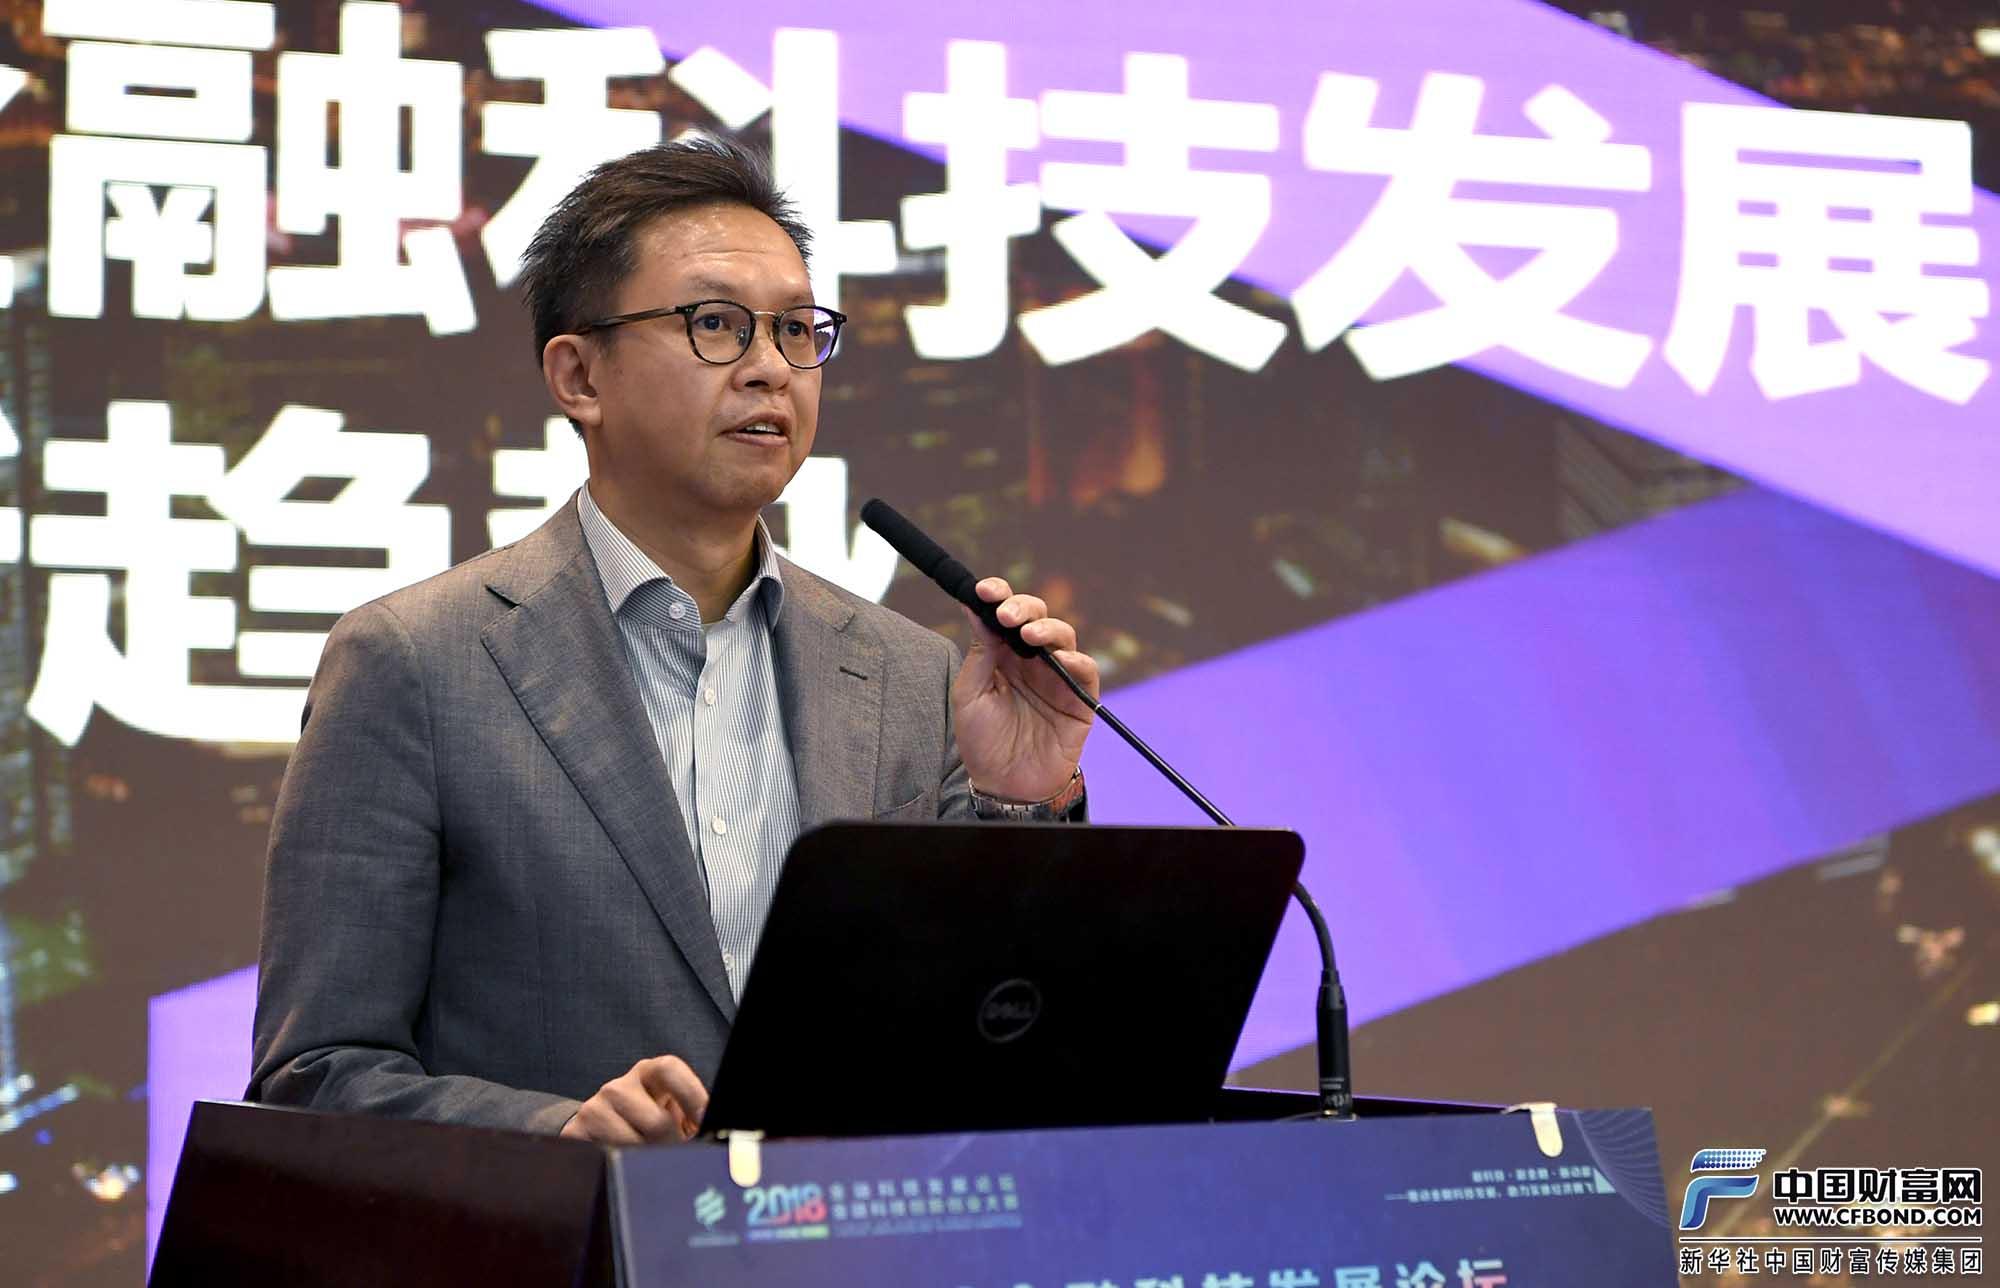 埃森哲大中华区金融服务事业部总裁陈文辉发言